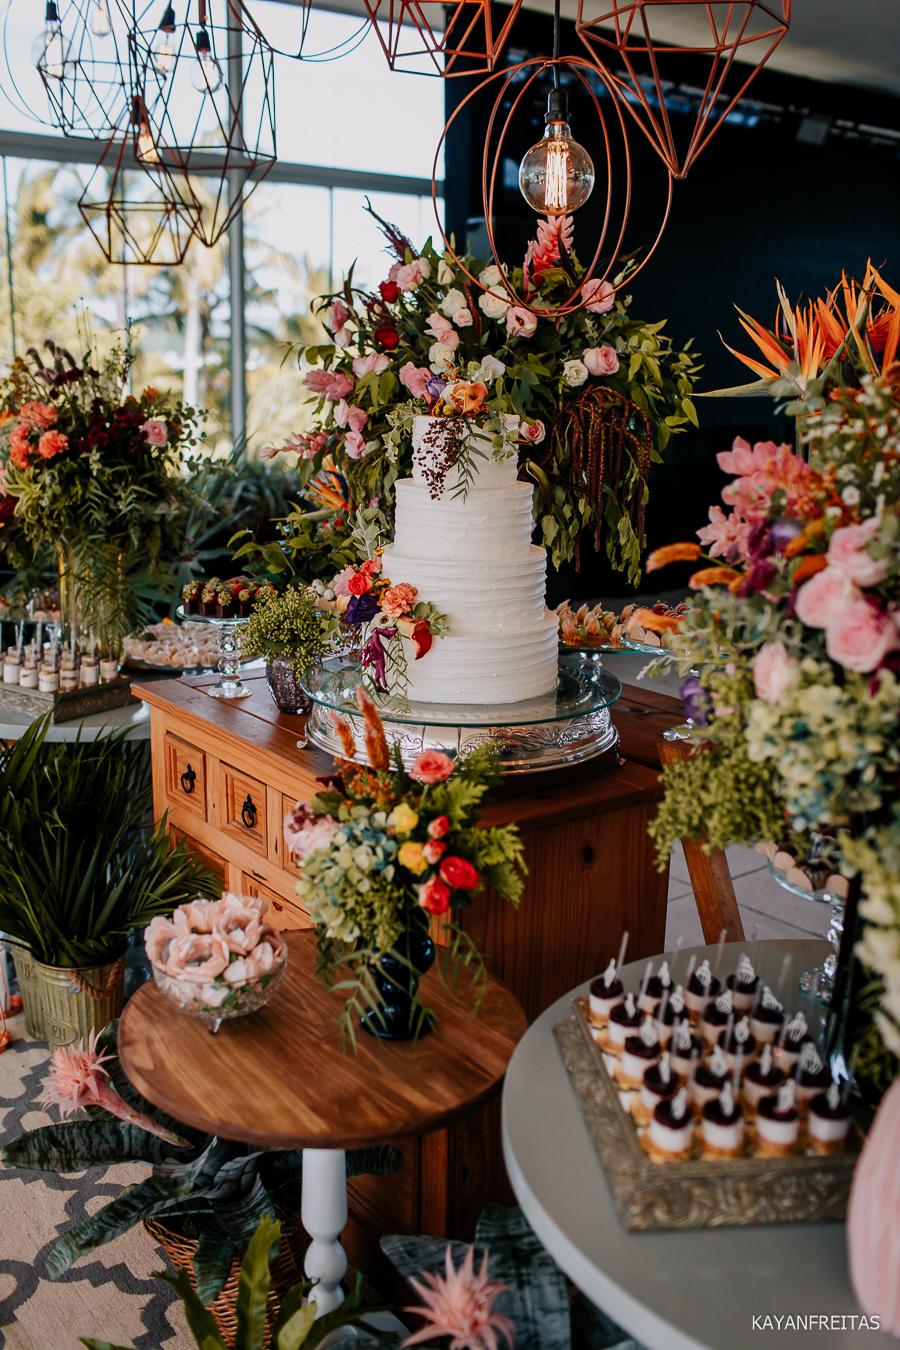 casamentodedia-lic-floripa-0031 Casamento de dia em Florianópolis - Pri e Guto